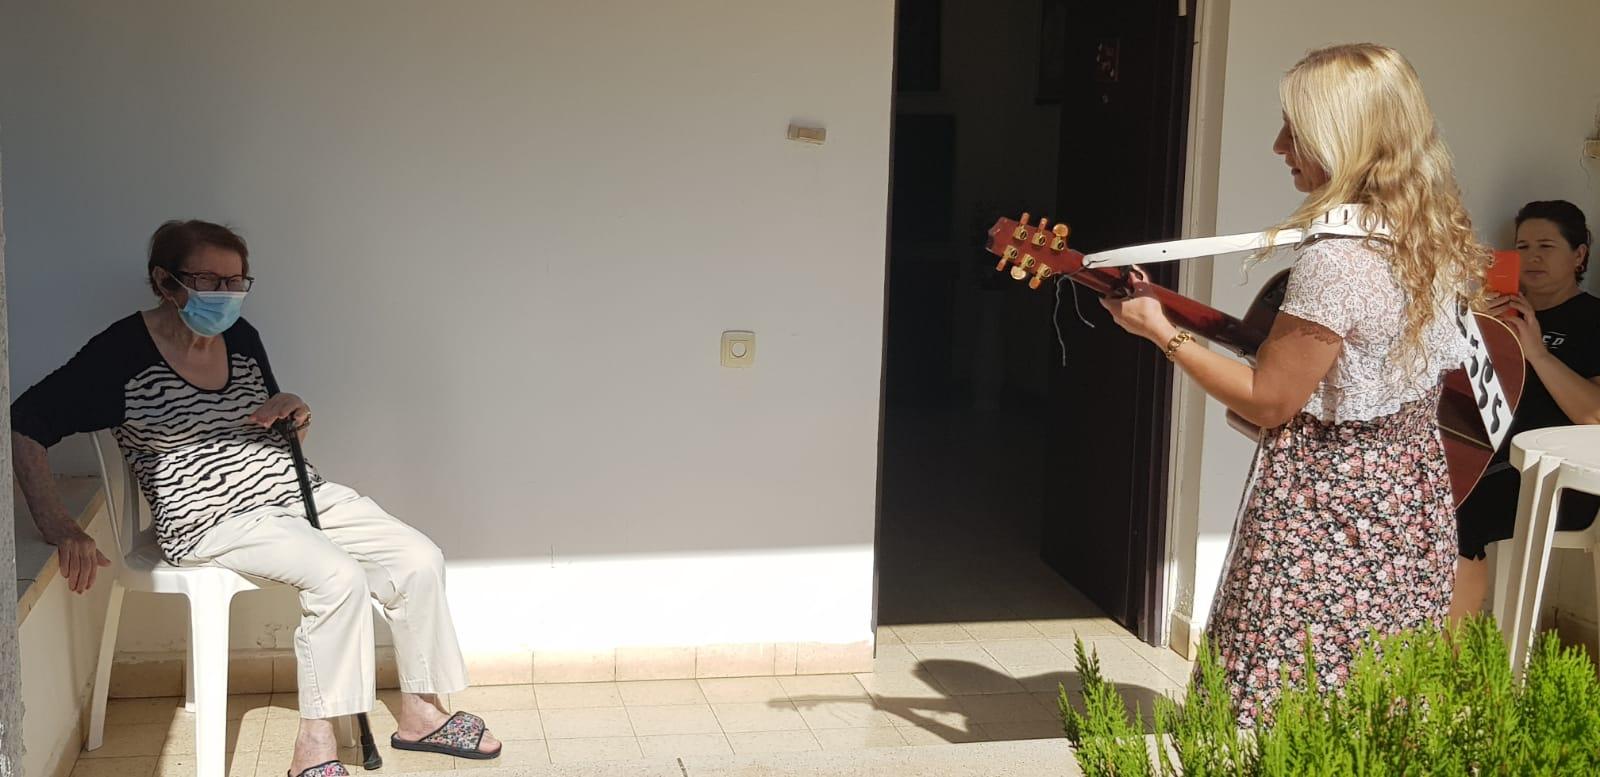 הזמרת רחלי וולשטיין מגיעה לשיר במרפסתם של חברי מועדון בודדים